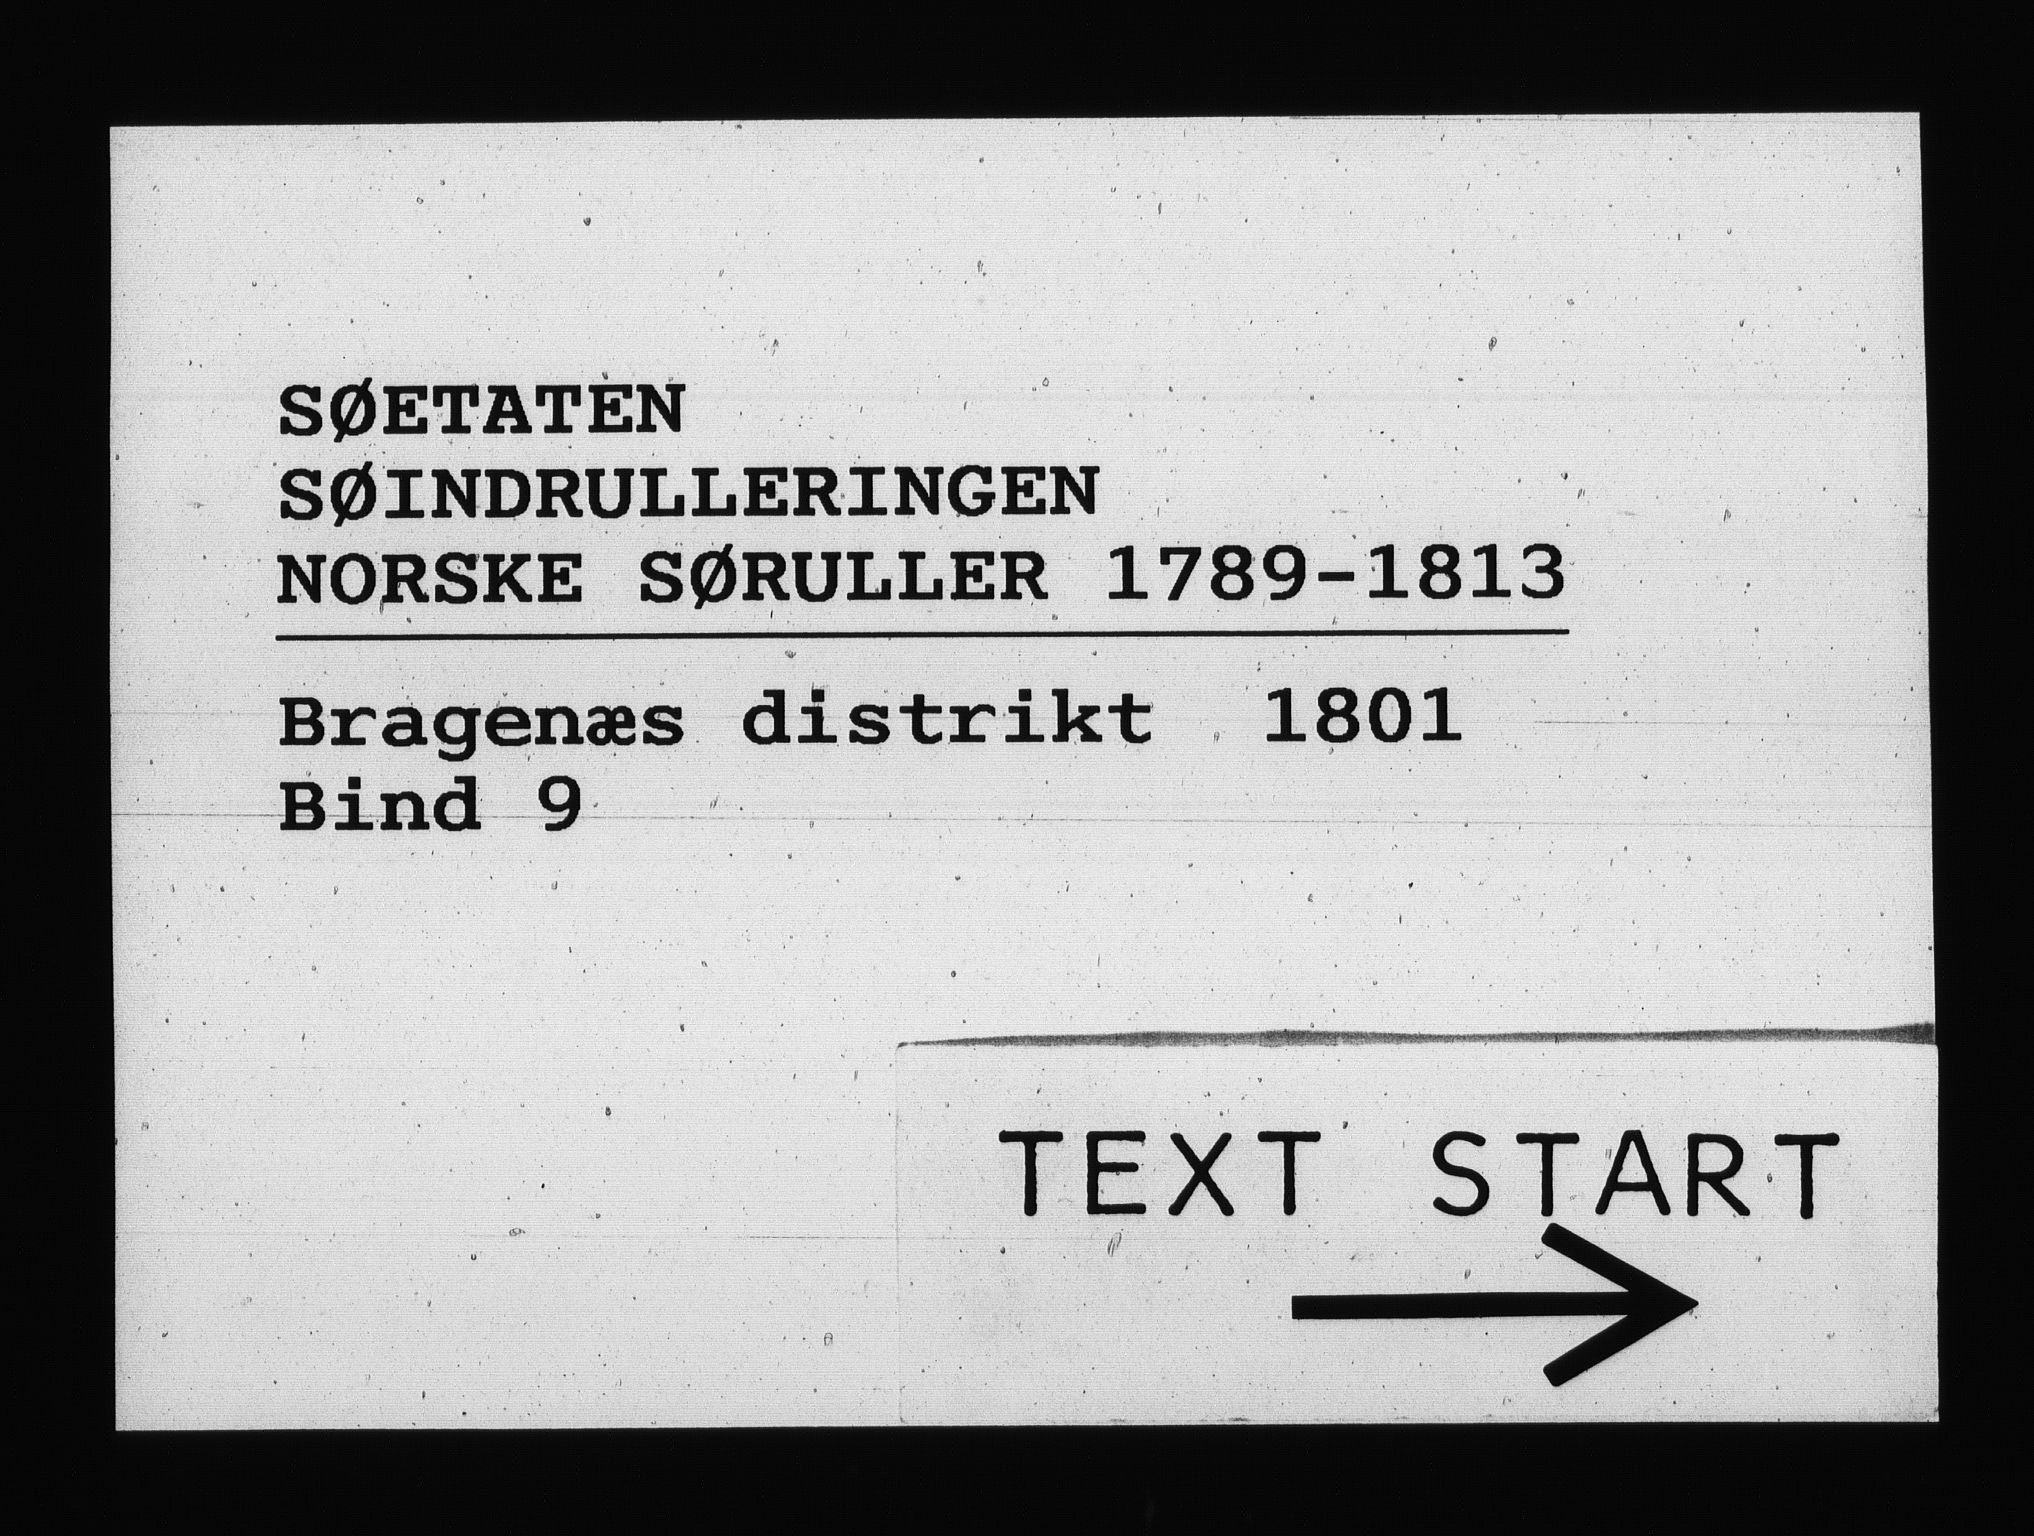 RA, Sjøetaten, F/L0142: Bragernes distrikt, bind 9, 1801